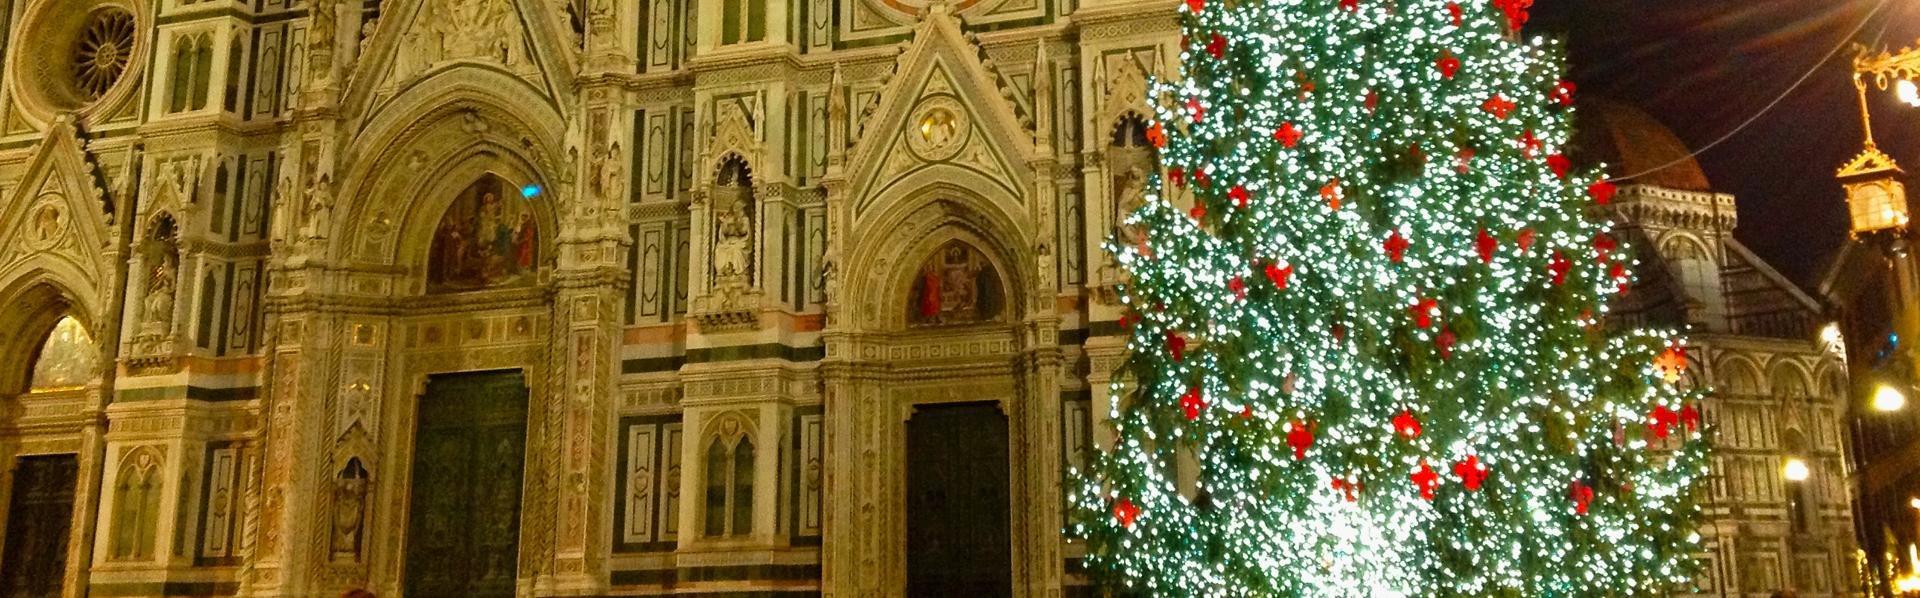 Kerstboom voor de duomo in Florence, Italië